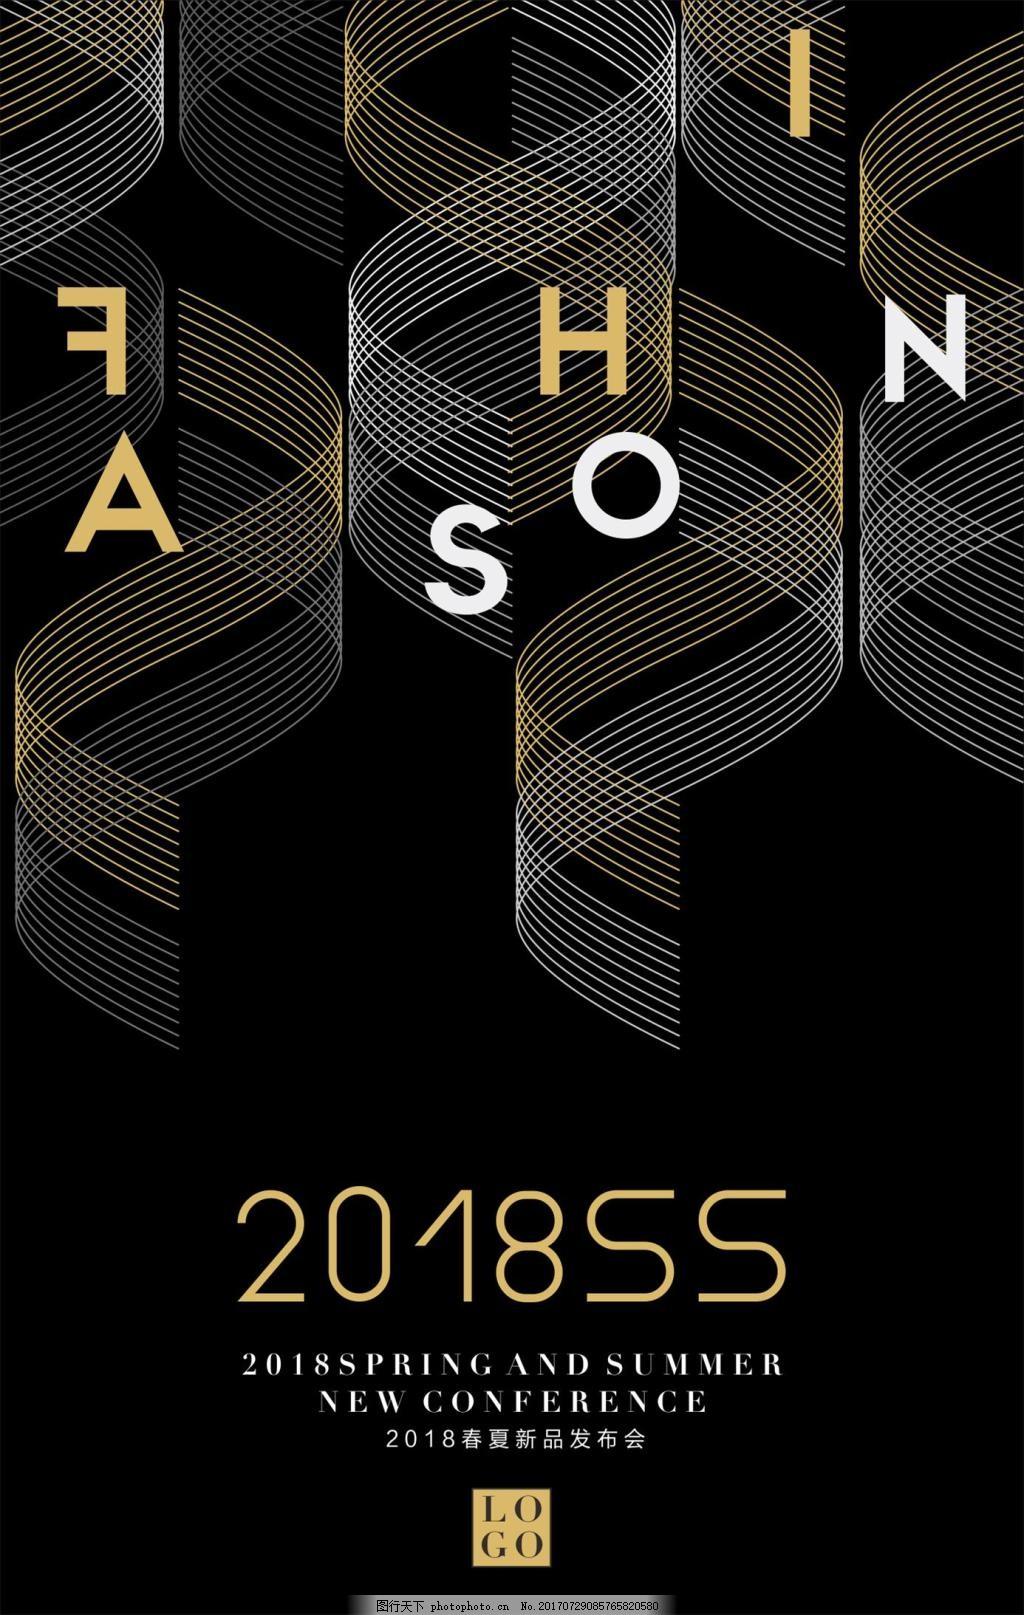 线条海报字体排版海报设计 工作证 发布会 金色 线条设计 黑色背景